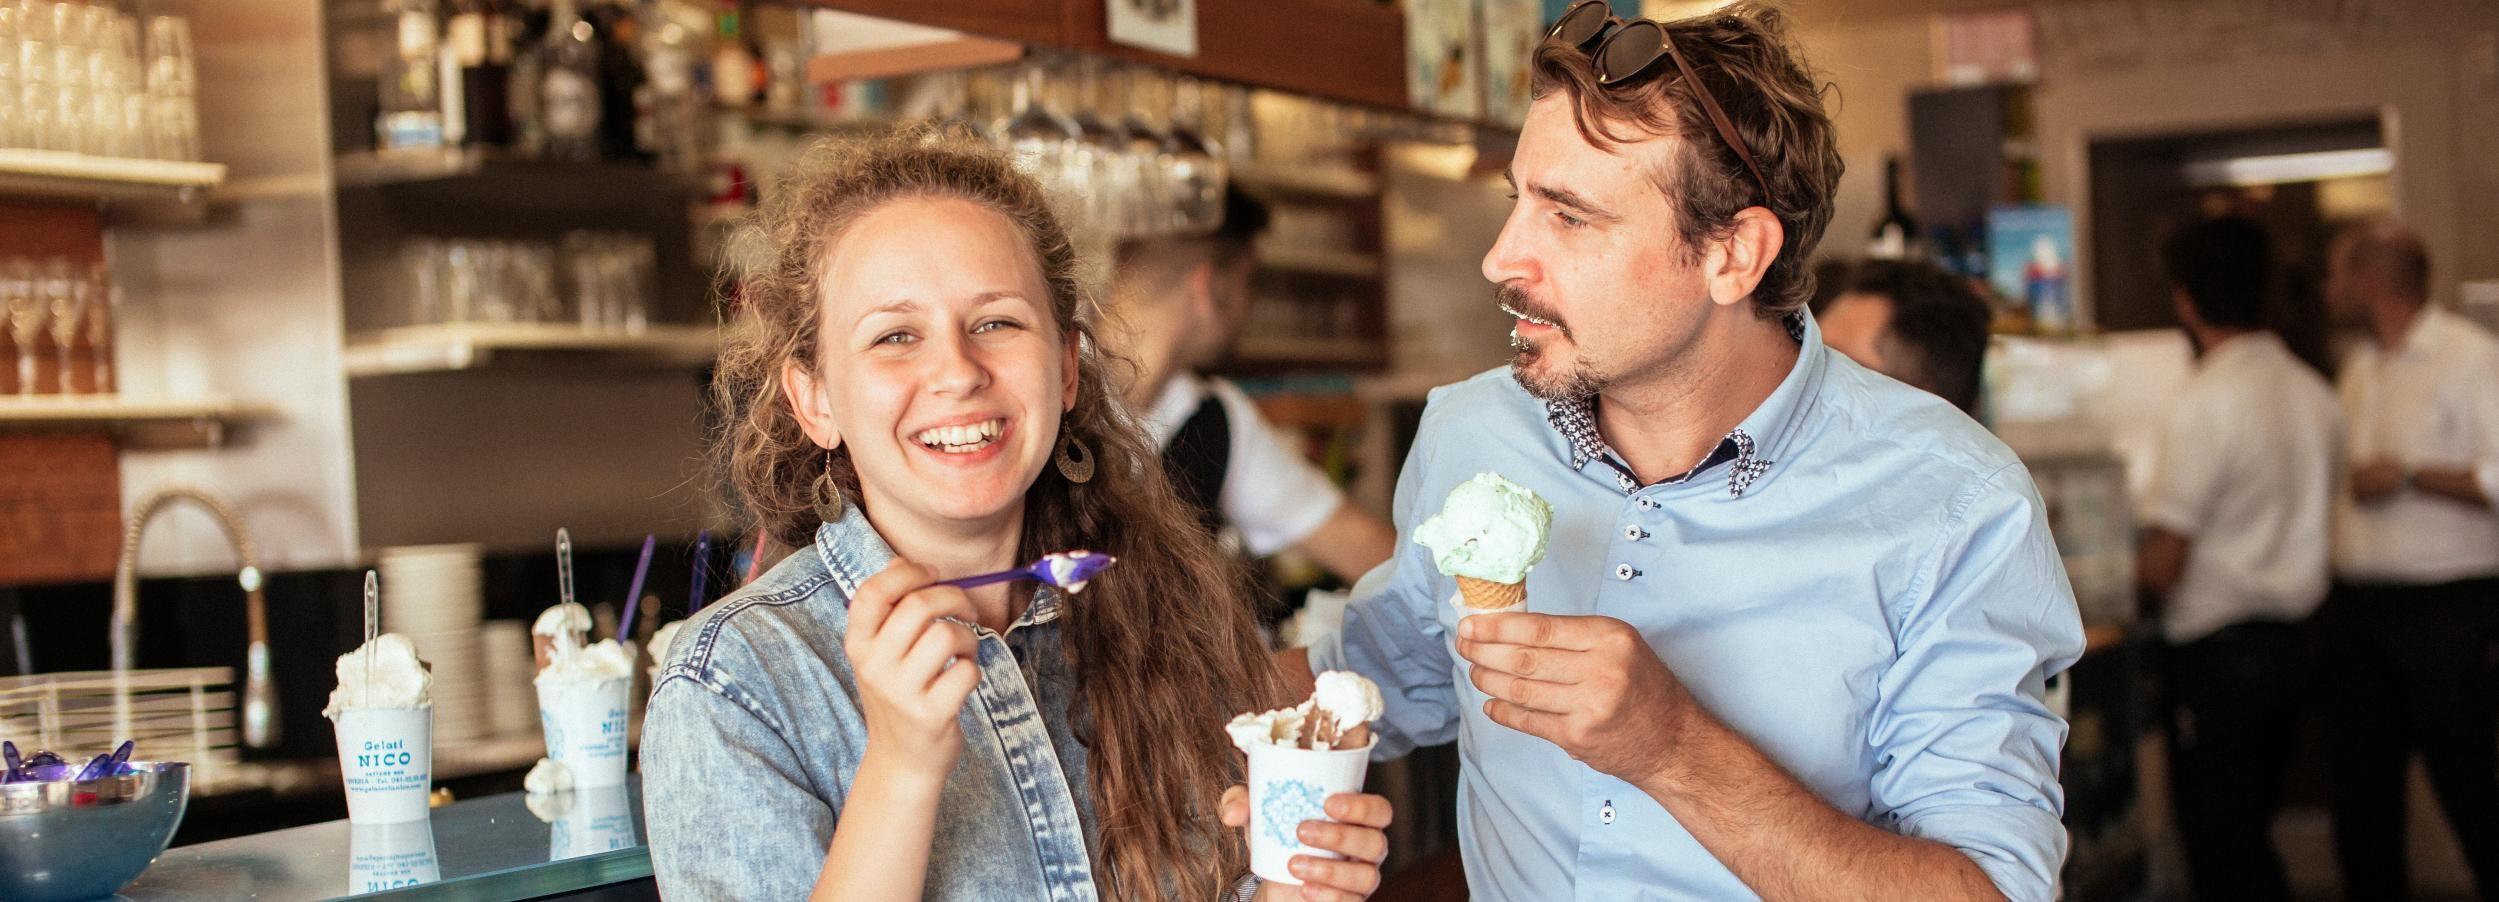 Венеция: Частный тур по еде с 10 дегустациями